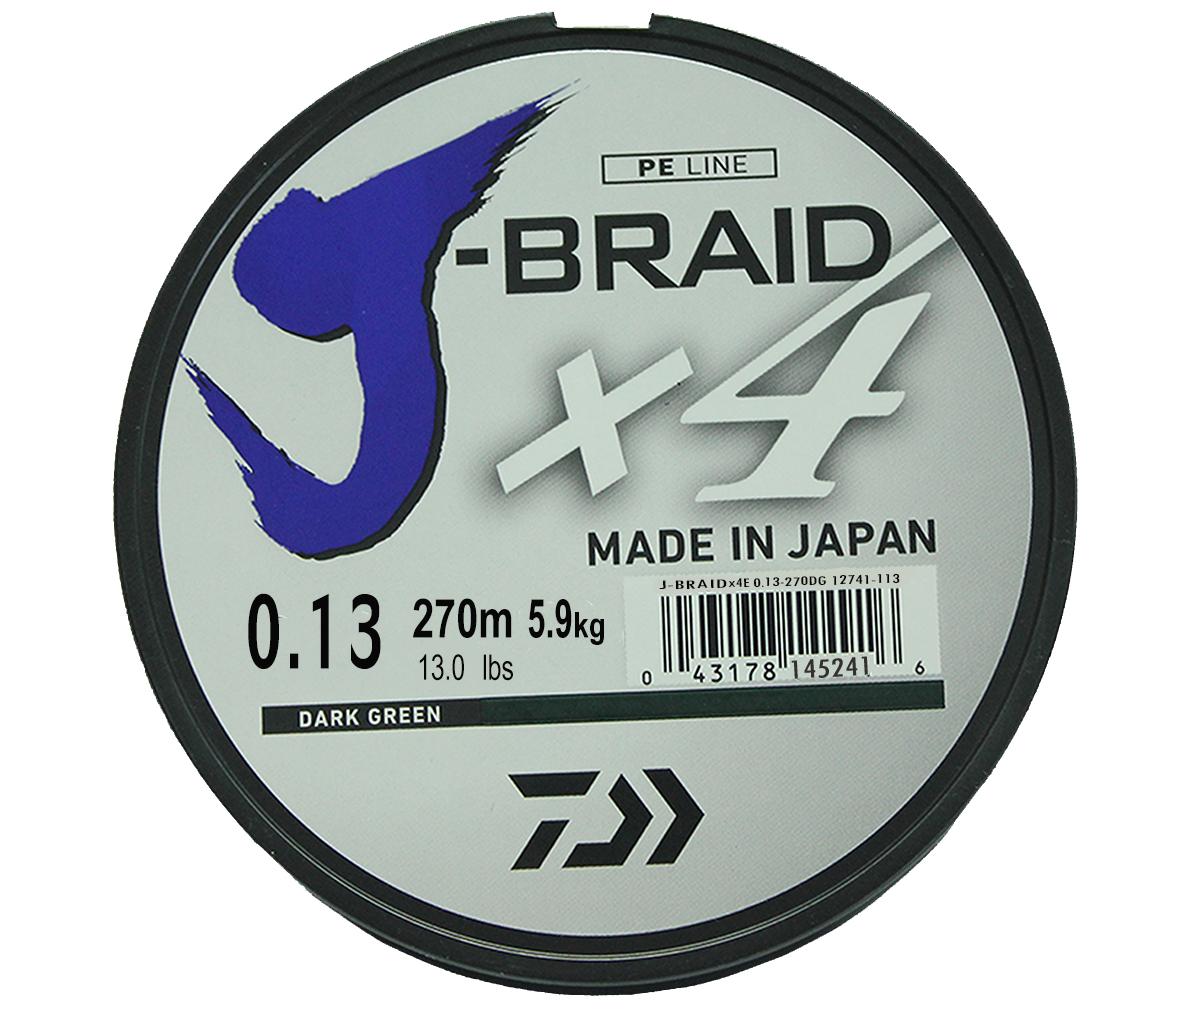 Шнур плетеный Daiwa J-Braid X4, цвет: зеленый, 270 м, 0,13 мм61170Новый 4х жильный шнур J-Braid, DAIWA - шнур высокого класса с удивительным соотношением цены и качества. Качество плетения полностью соответствует японским стандартам и удовлетворяет всем требованиям. Представленные диаметры позволяют использовать шнур для всех техник ловли, начиная от ultra- light ловли окуня, до морской ловли палтуса, трески и т.д